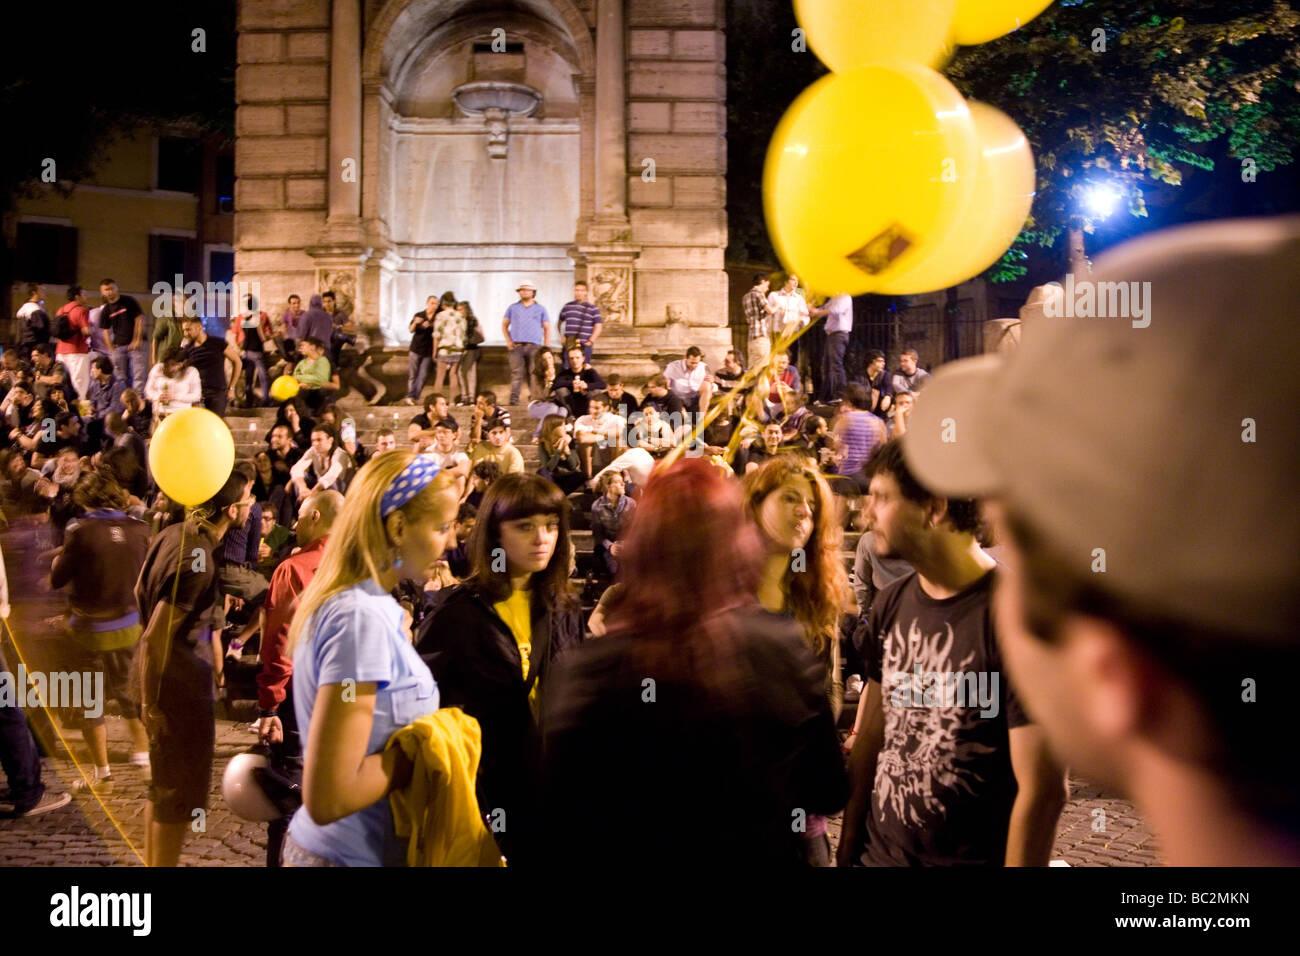 Incontro con i giovani in piazza Trilussa a notte Trastevere Roma Italia Immagini Stock